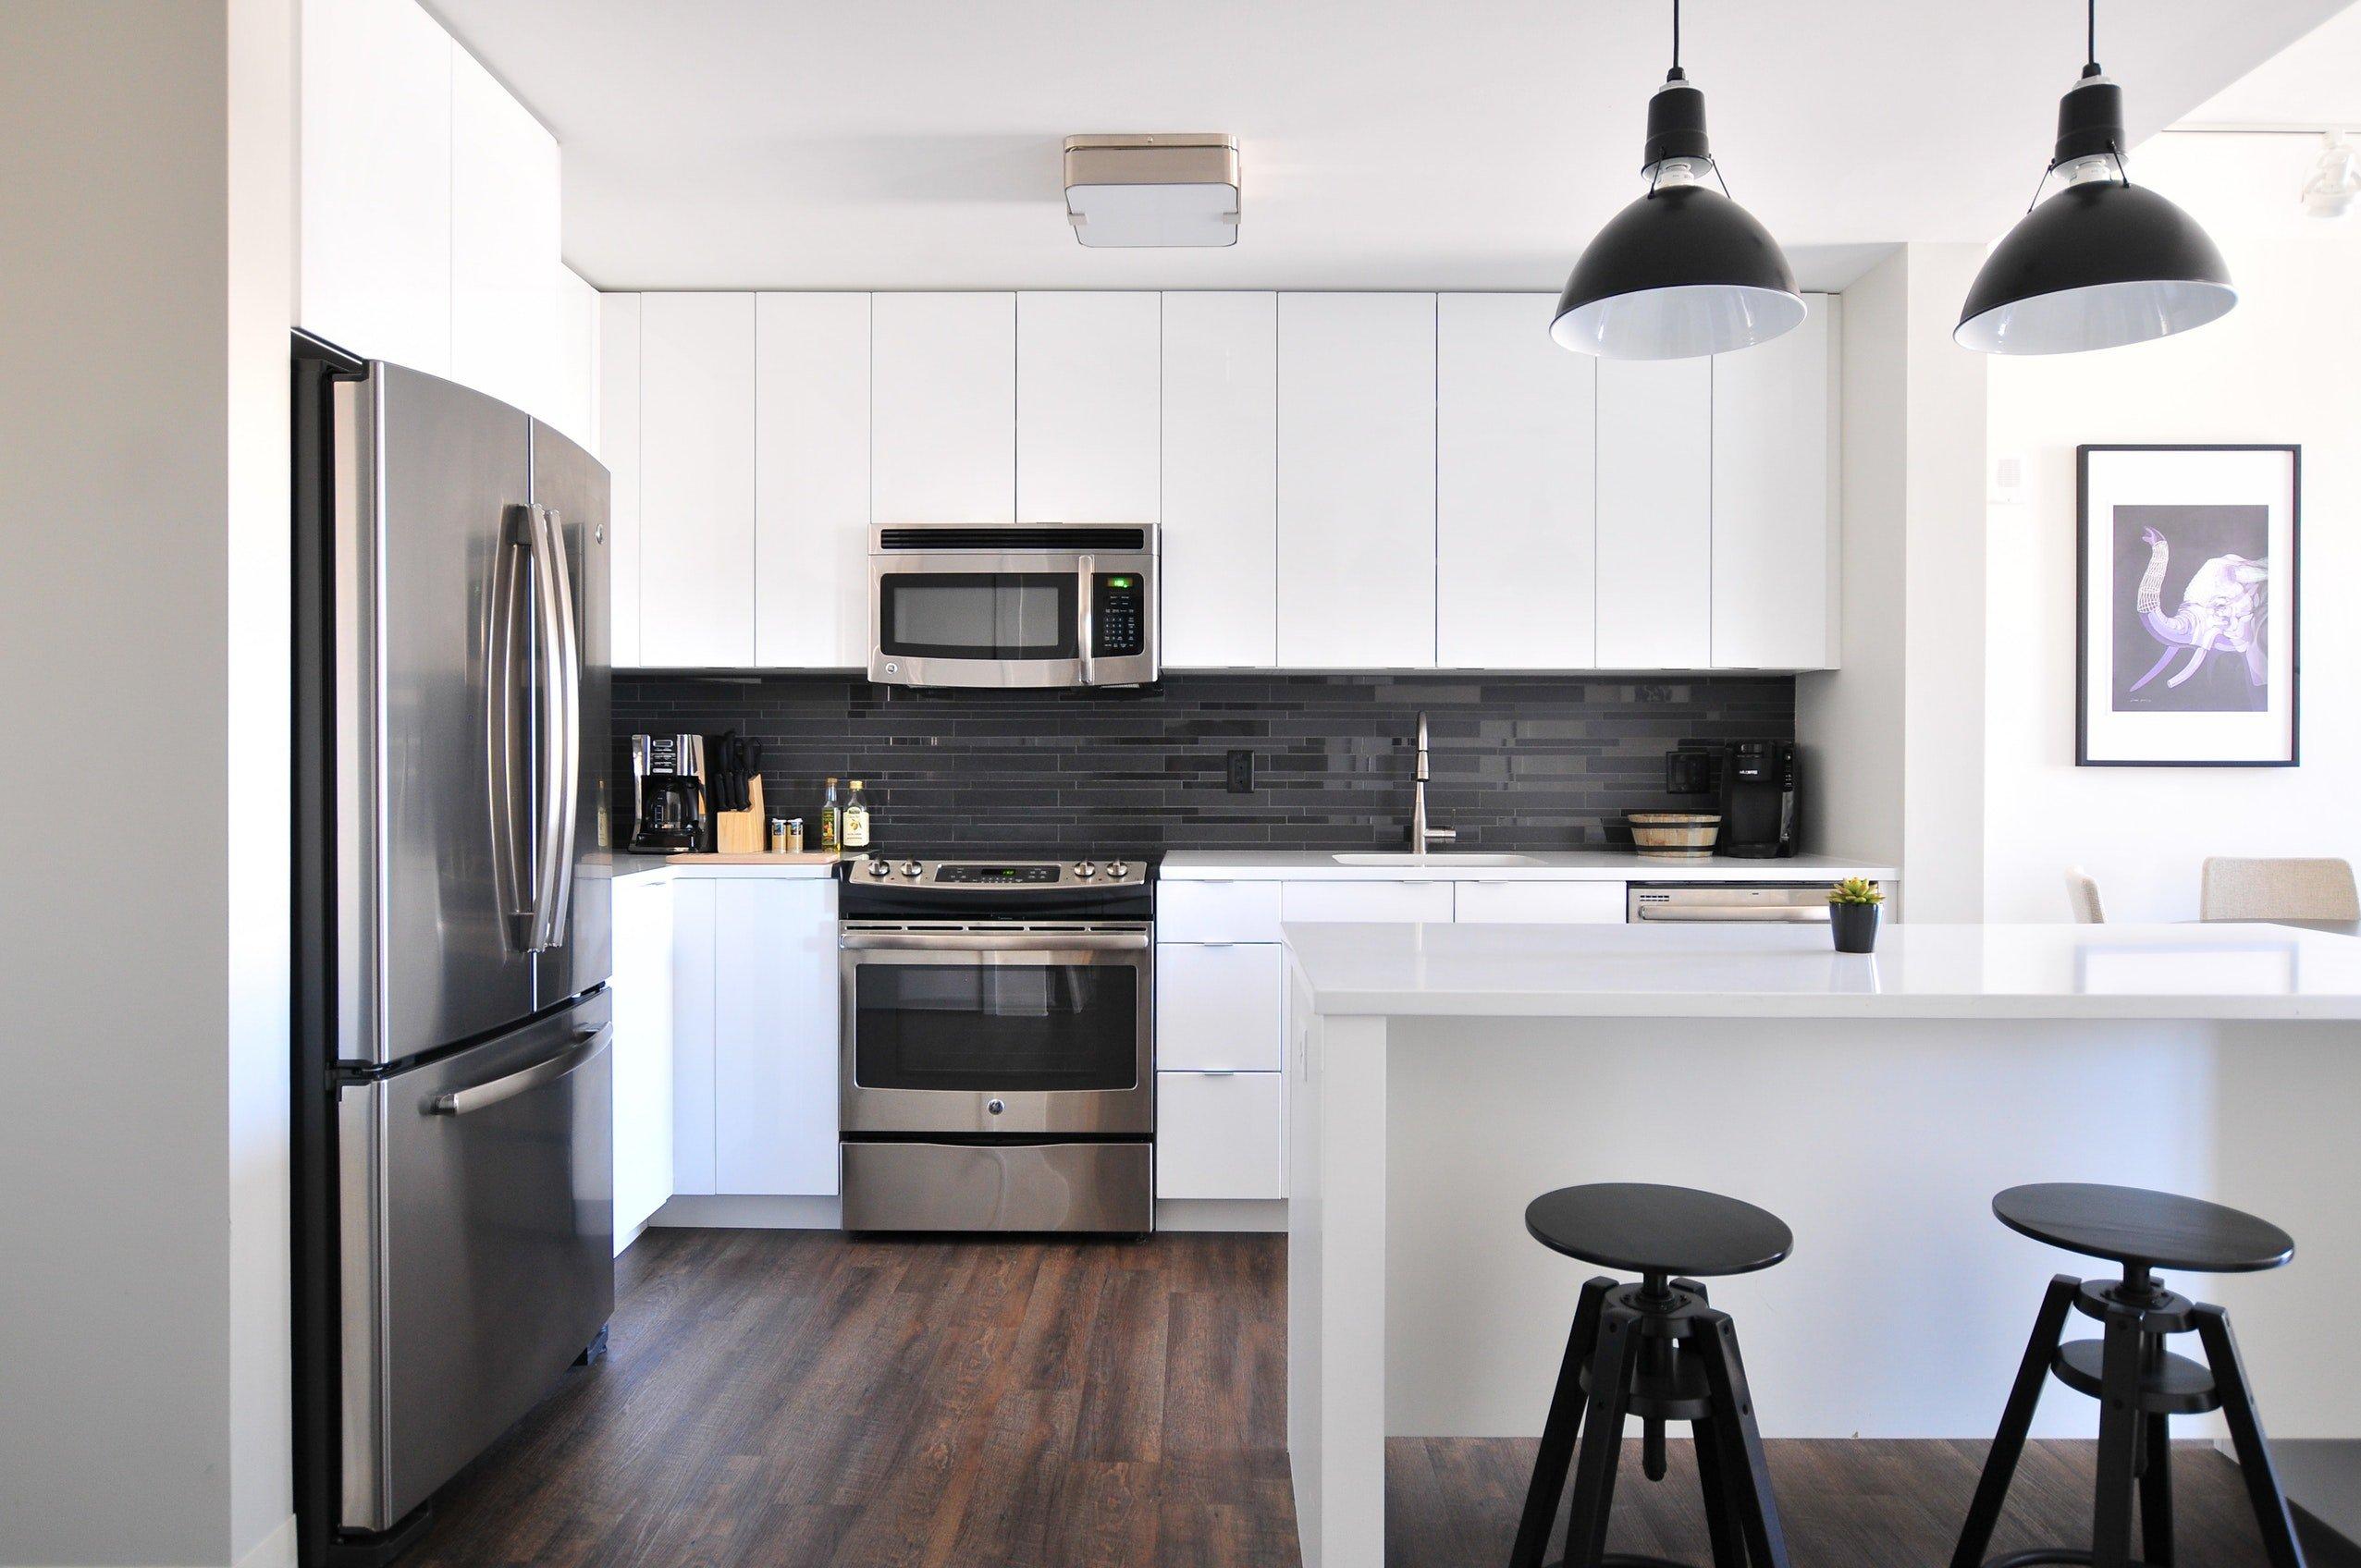 Съемные квартиры в Виннипеге (Канада)